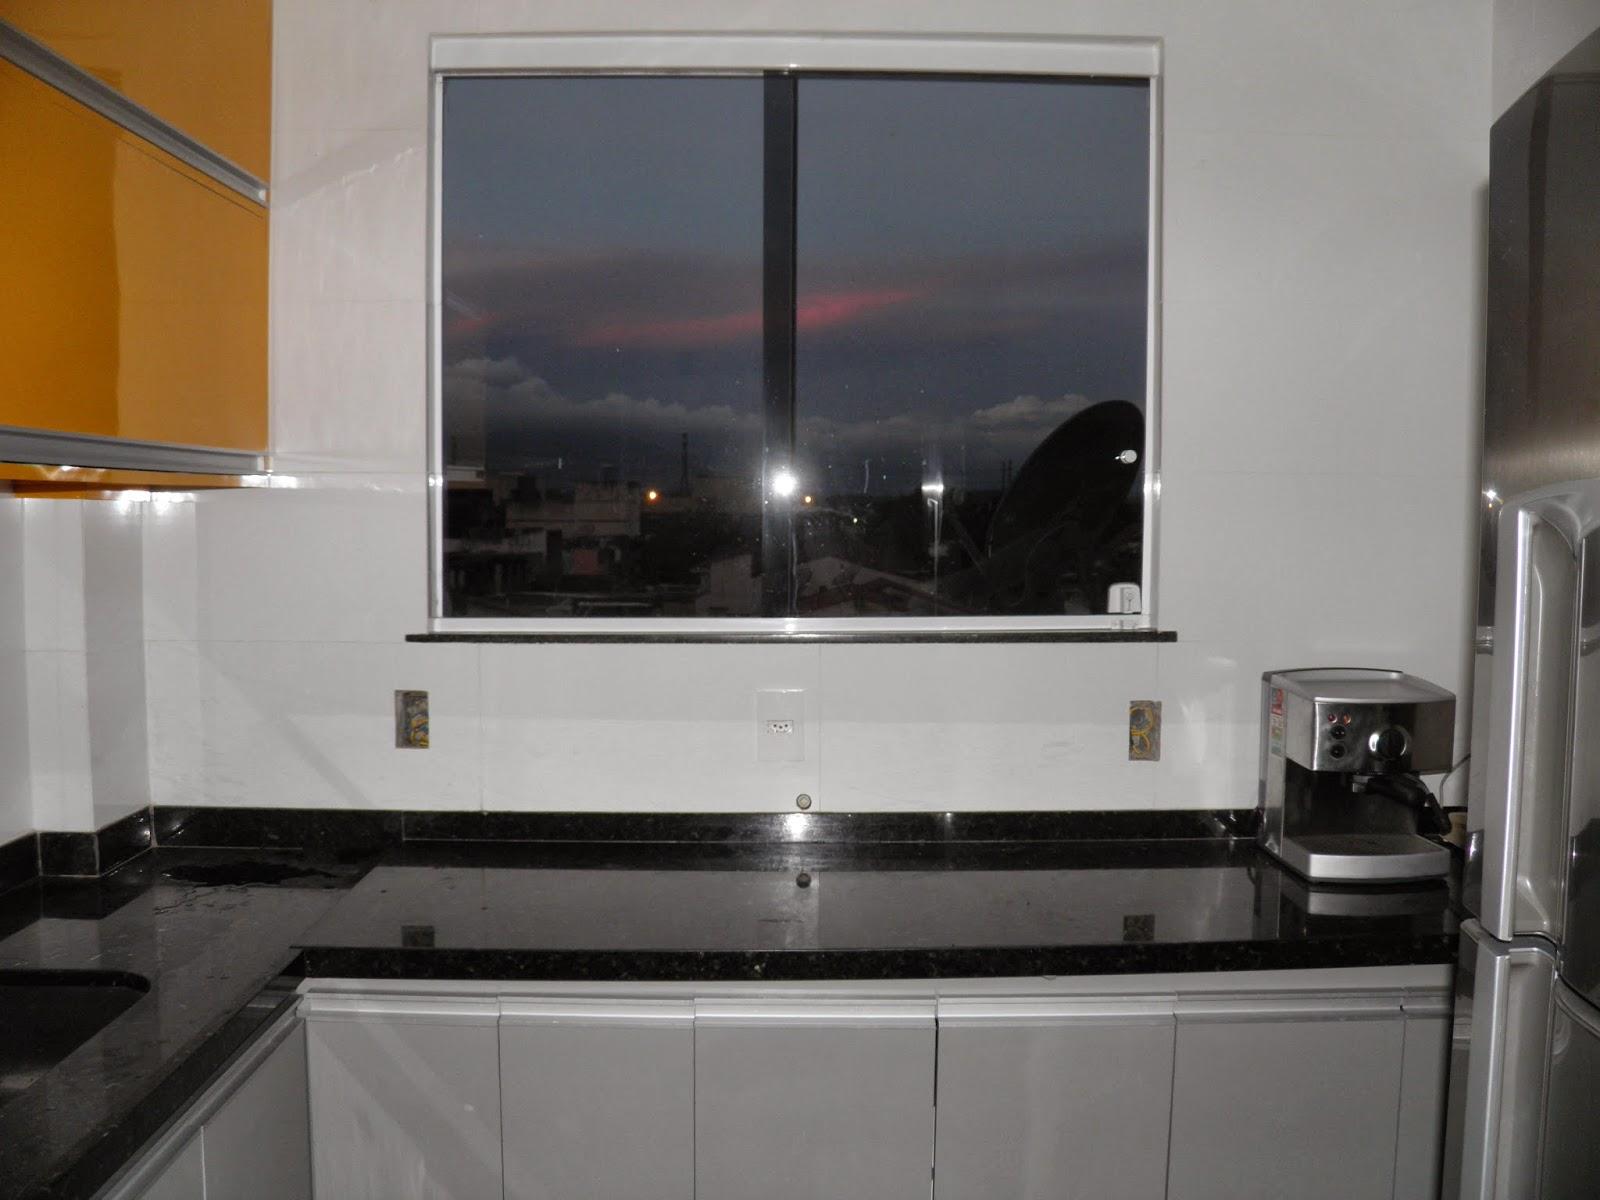 um sonho com cimento de amor!: O armário da cozinha com os eletros #8D6028 1600 1200